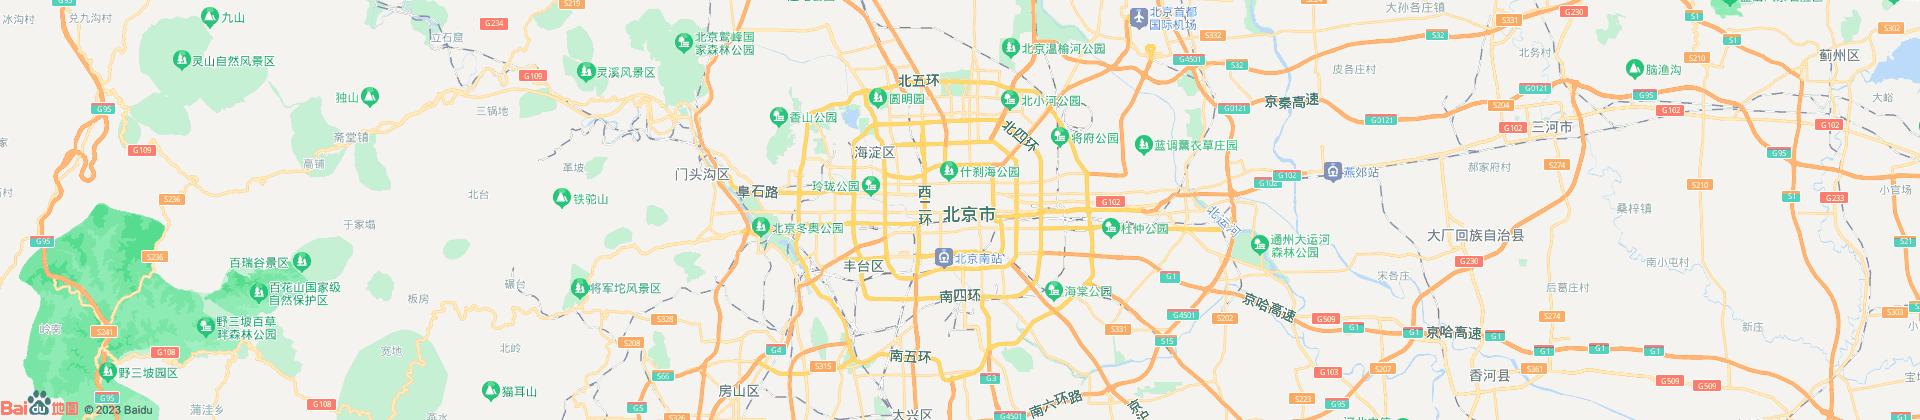 天津市万家乐门窗有限公司